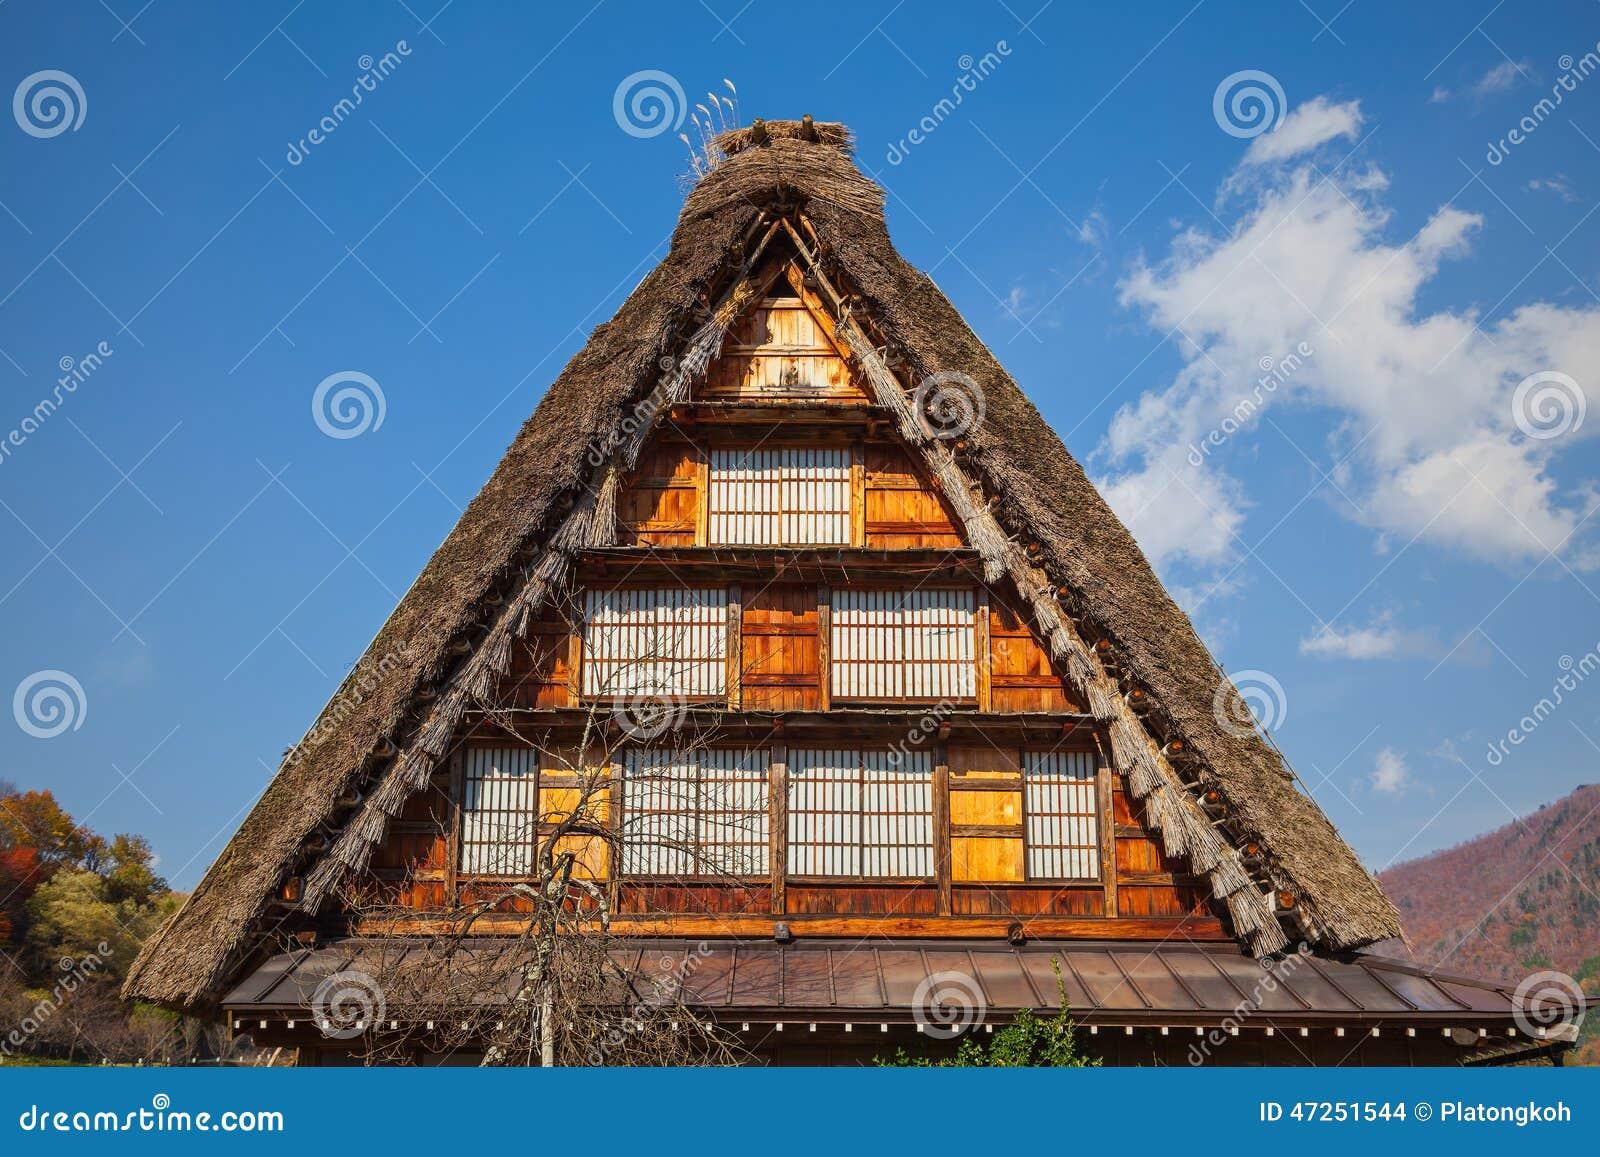 la maison du japon cool la maison toboggan japon with la maison du japon top doraemon. Black Bedroom Furniture Sets. Home Design Ideas